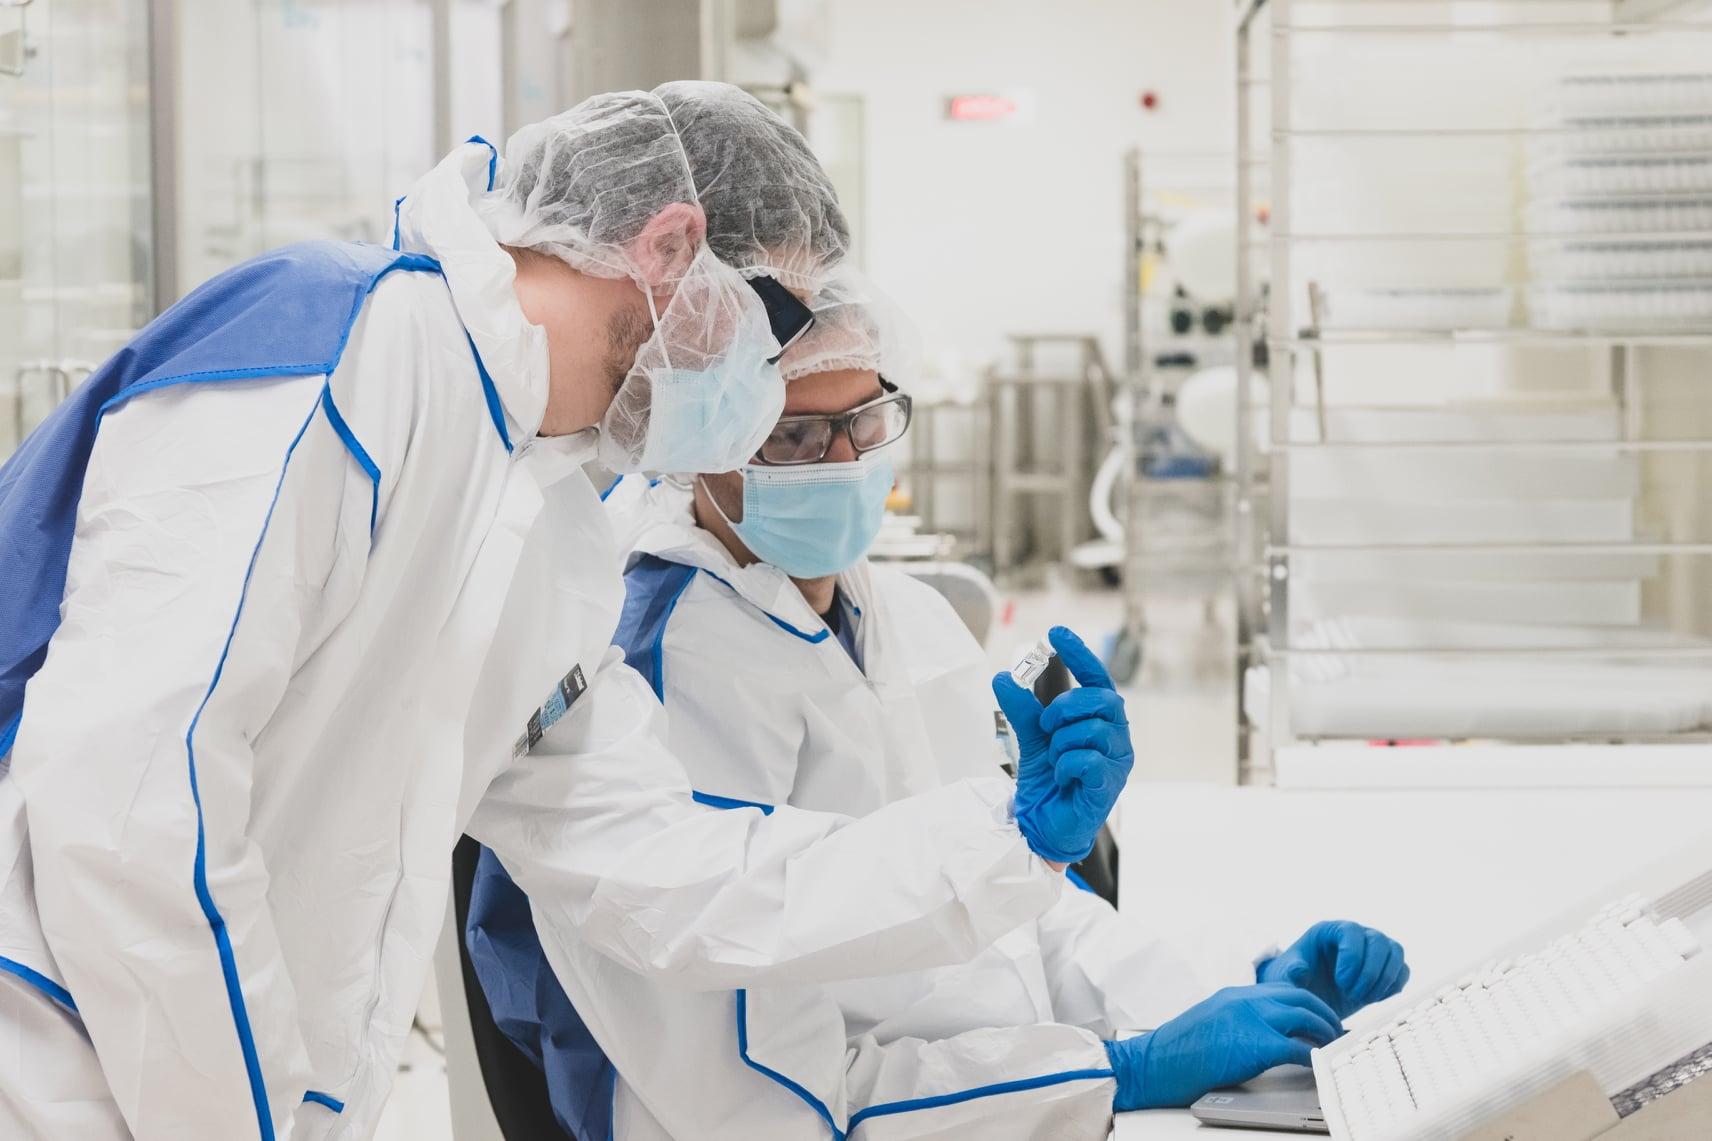 La société liégeoise Mithra est prête à préparer entre 10 et 25 millions de doses de vaccin Covid par an